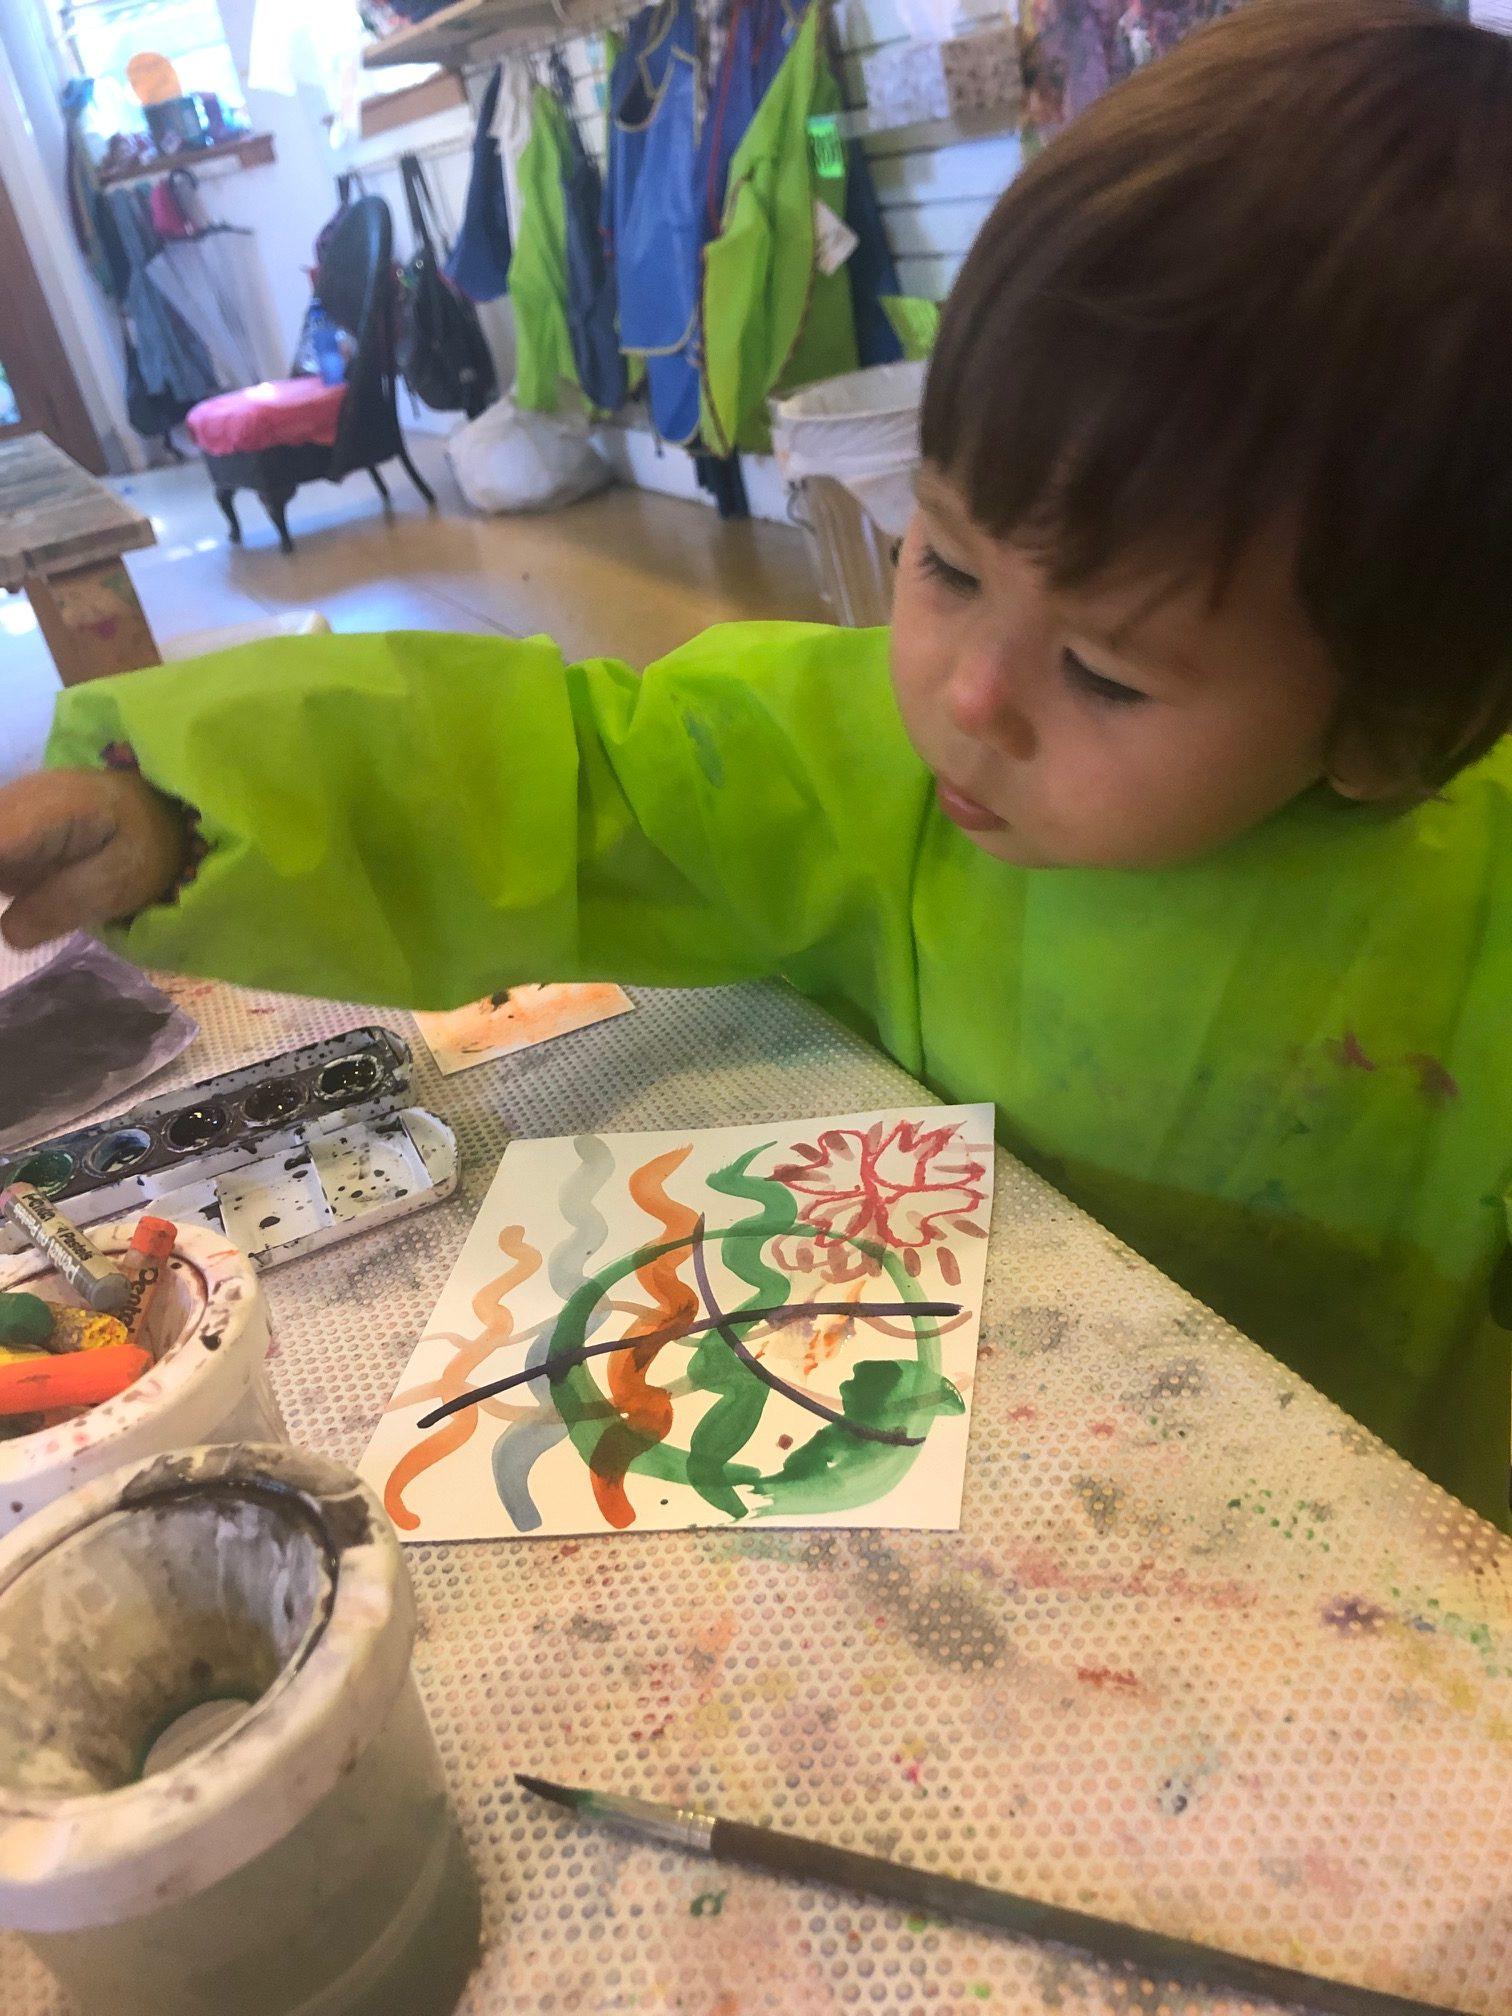 Toddler Creating Art